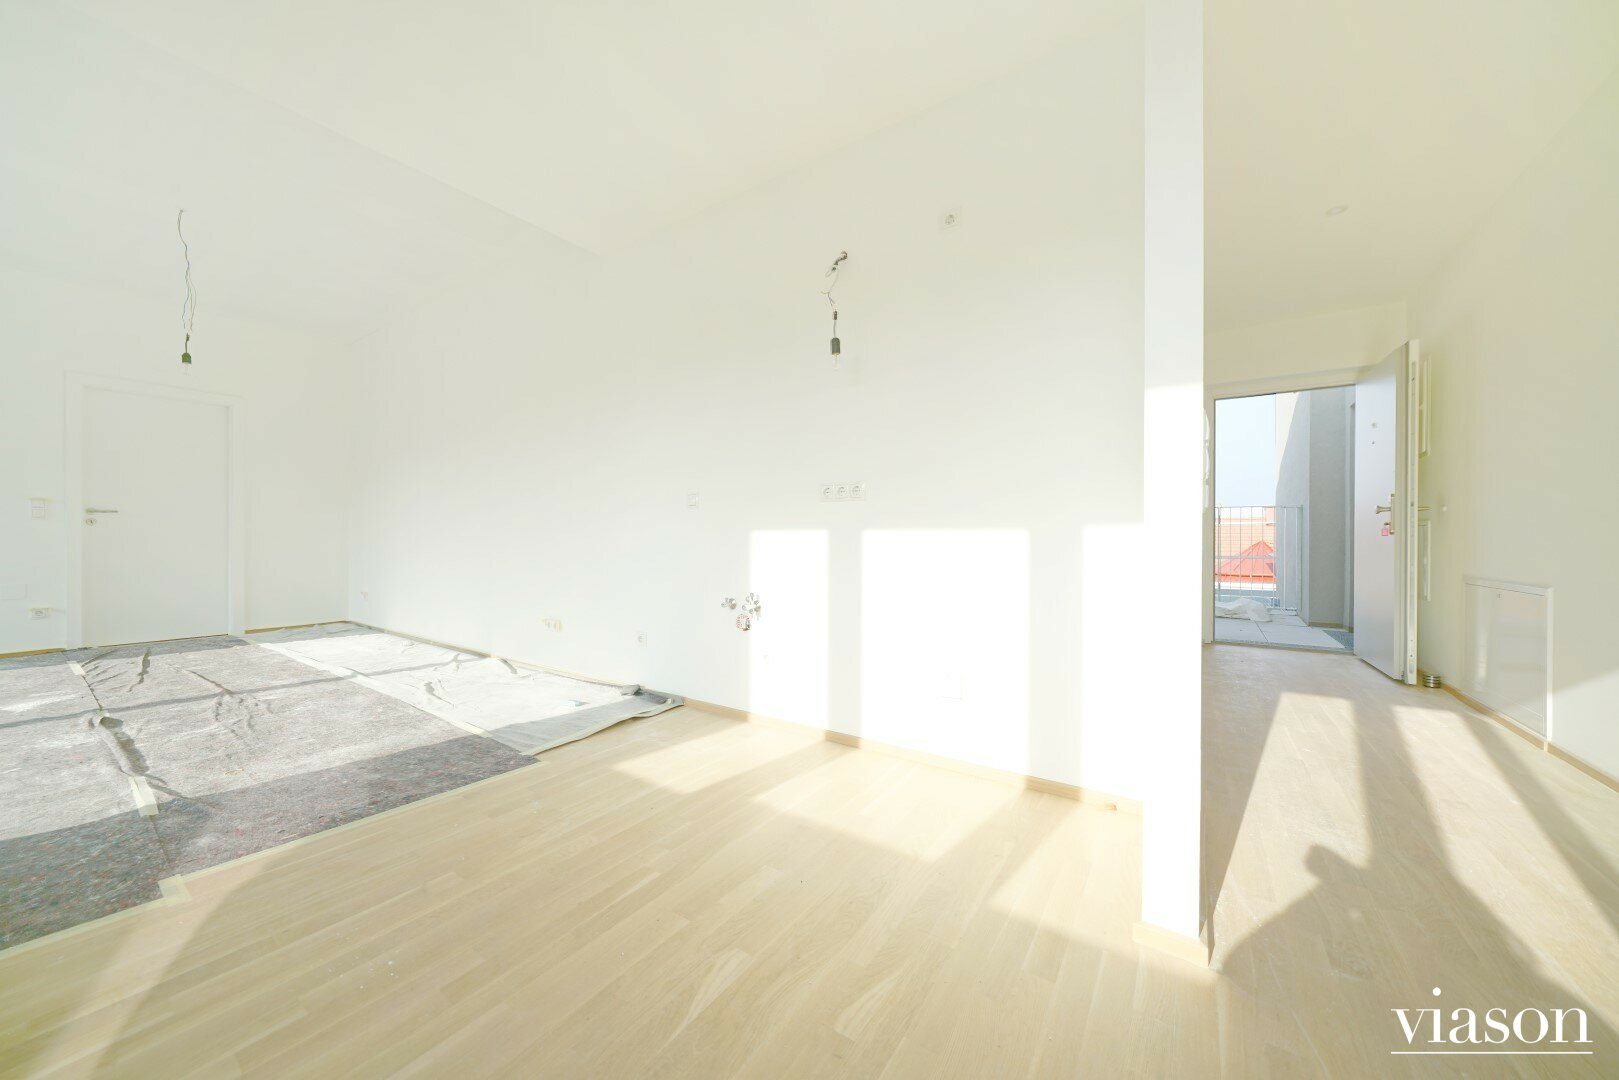 Wohnzimmer und Vorraum